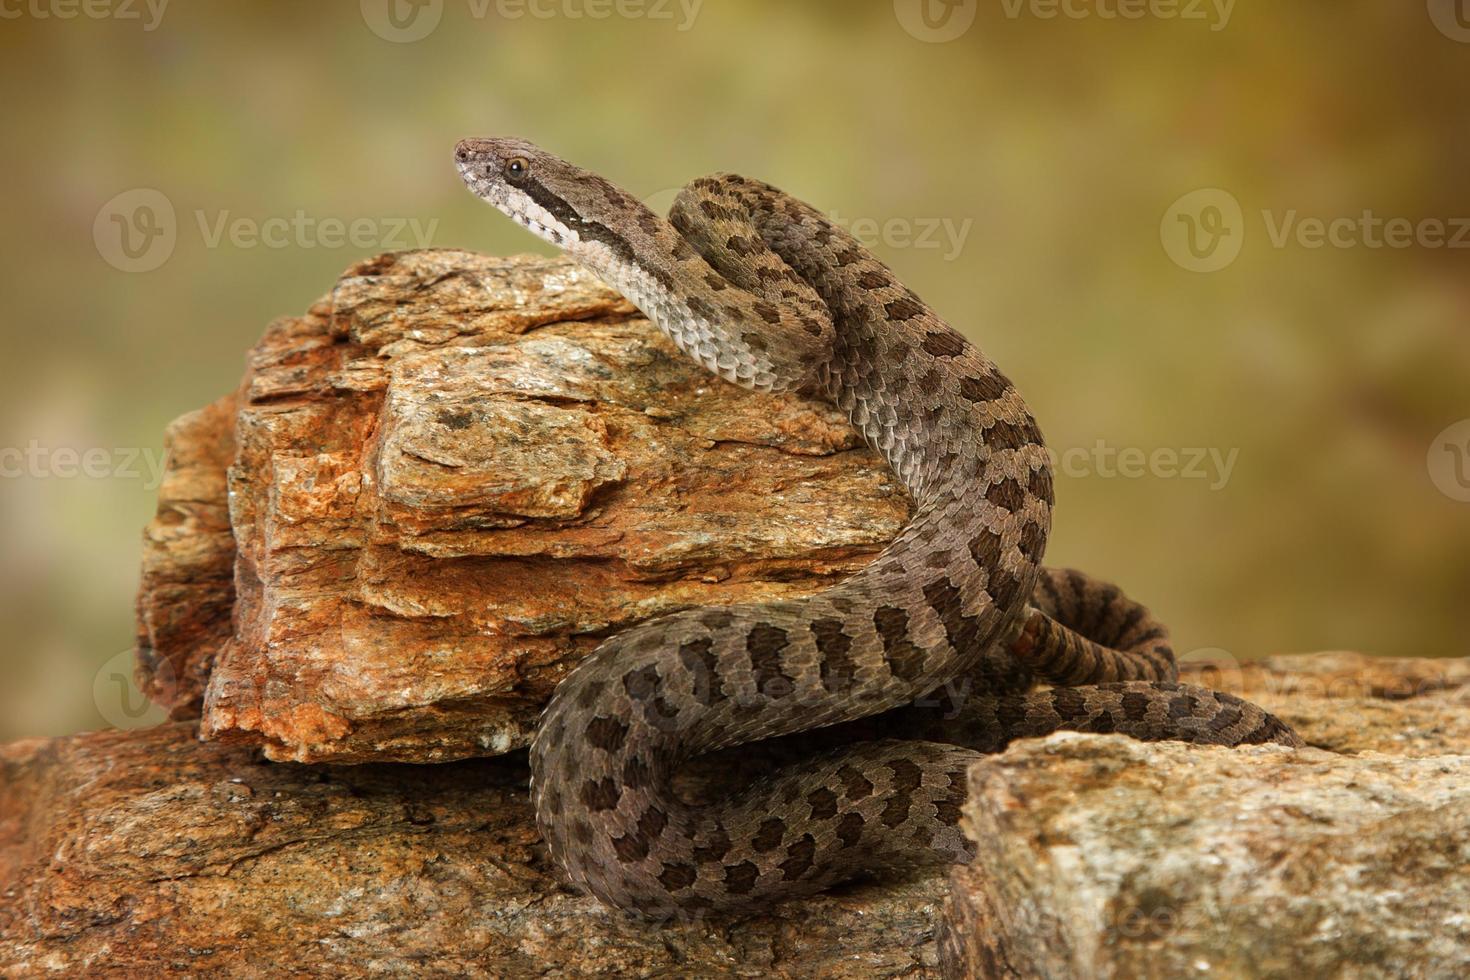 Twin-Spotted Rattlesnake on Desert Rocks photo